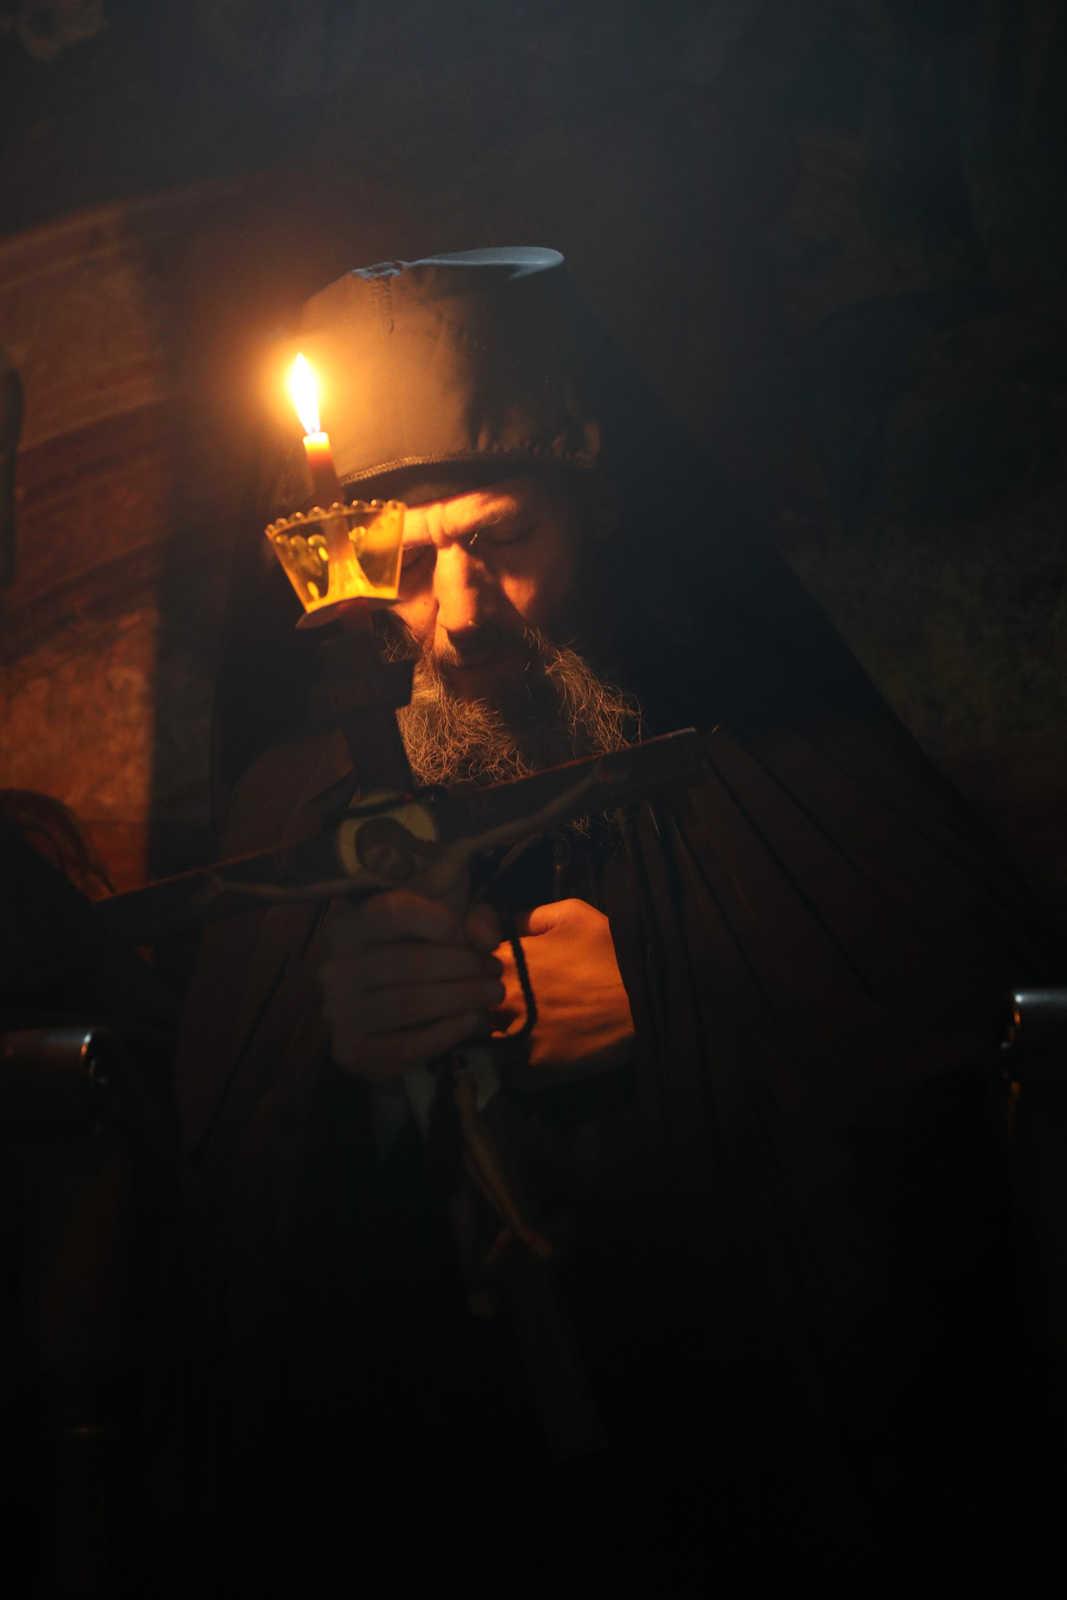 Profeții despre pandemie - fotoreportaj de la o tundere în Schima Mare